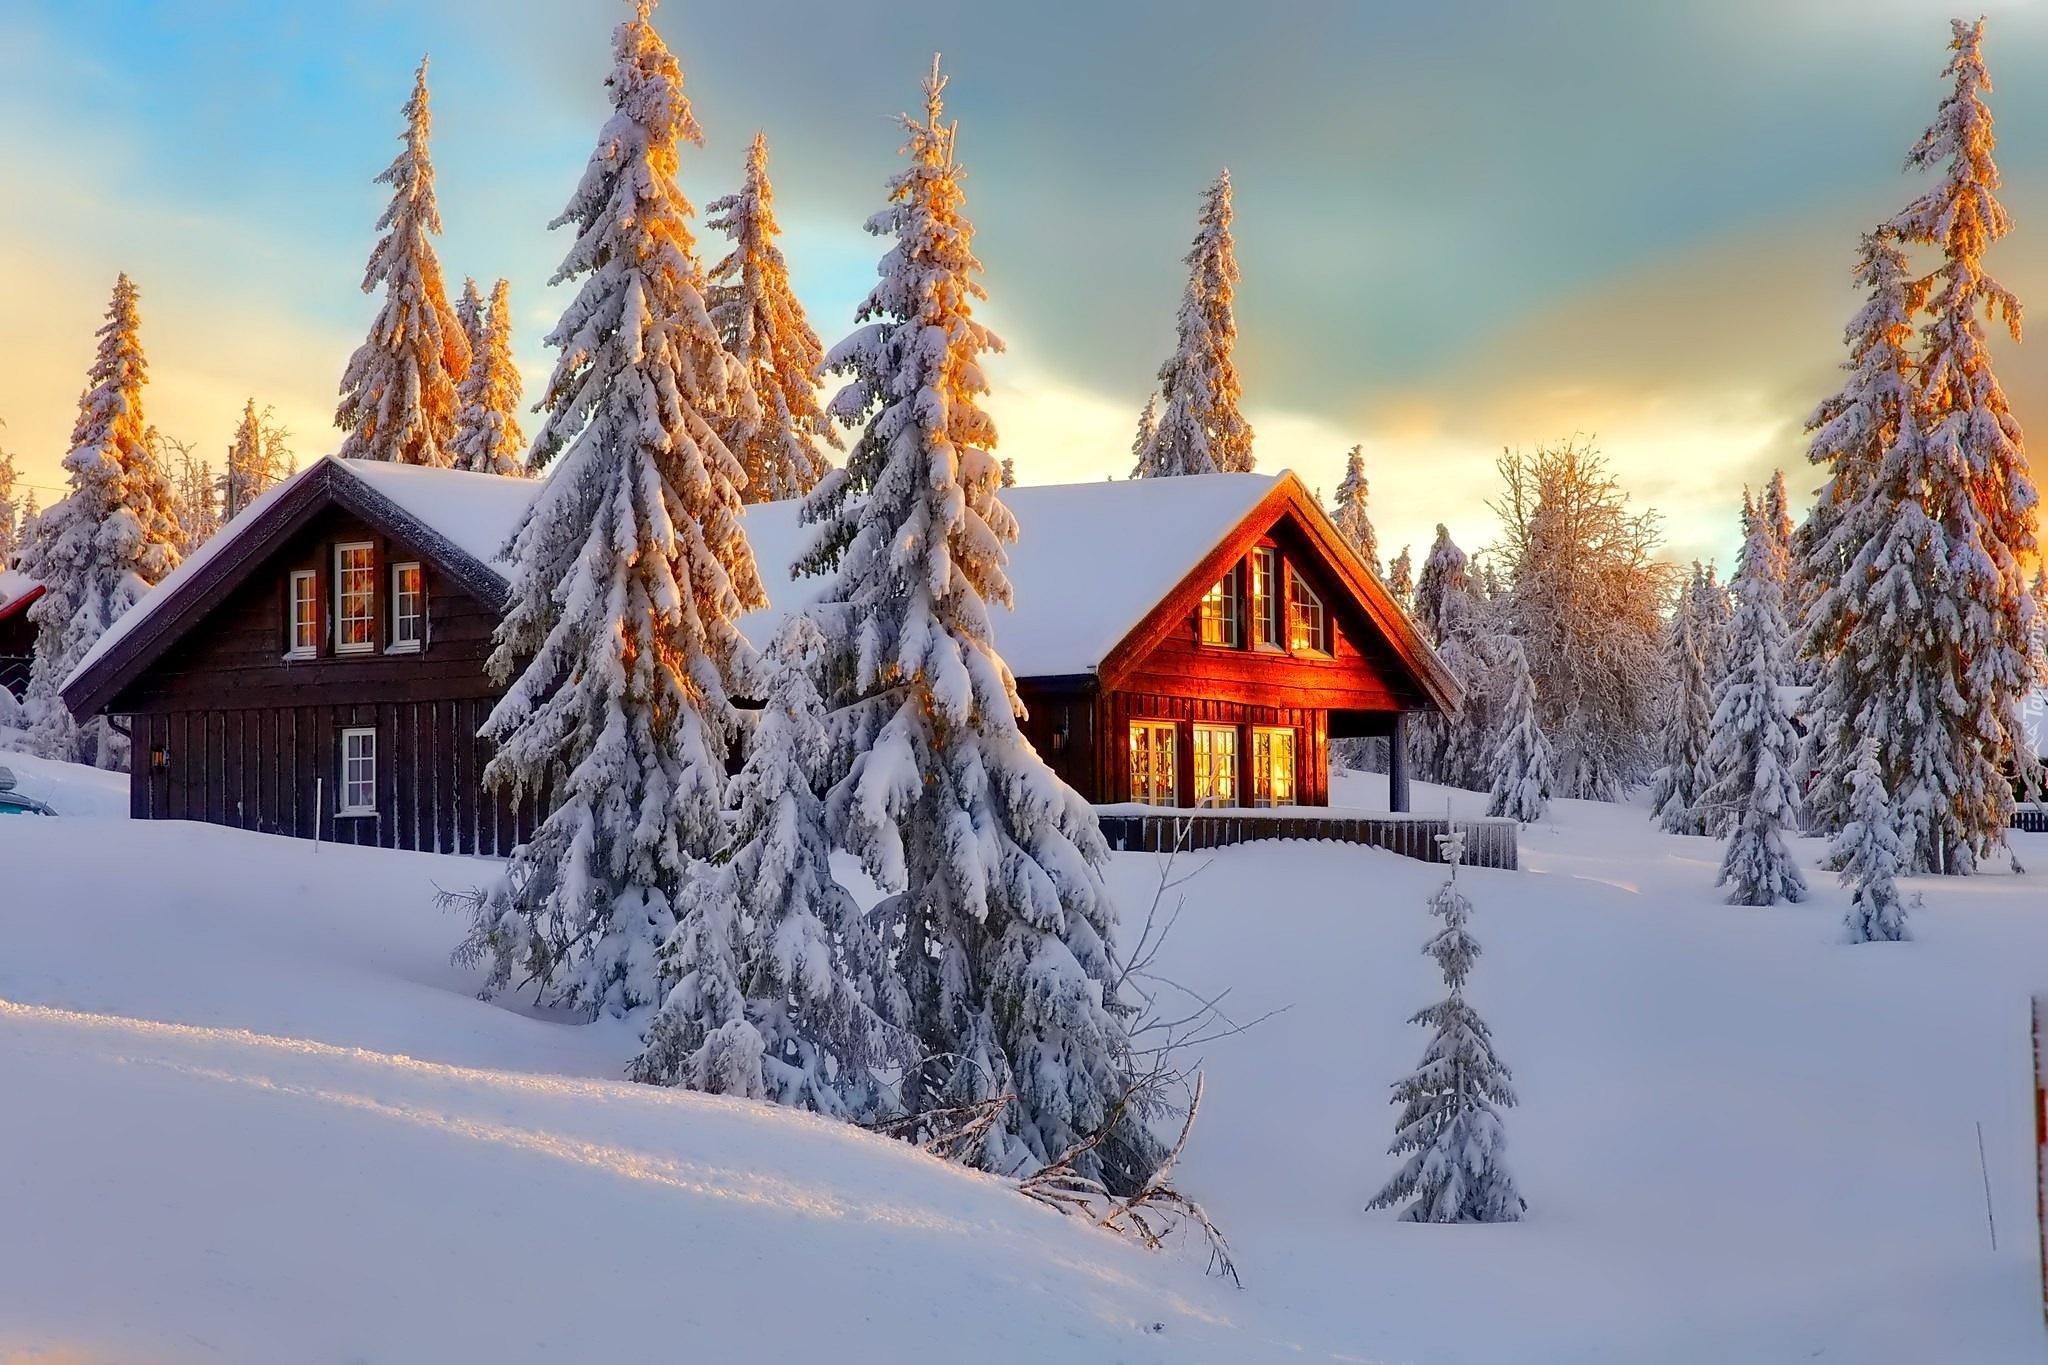 снег зима усадьба фазенда загрузить